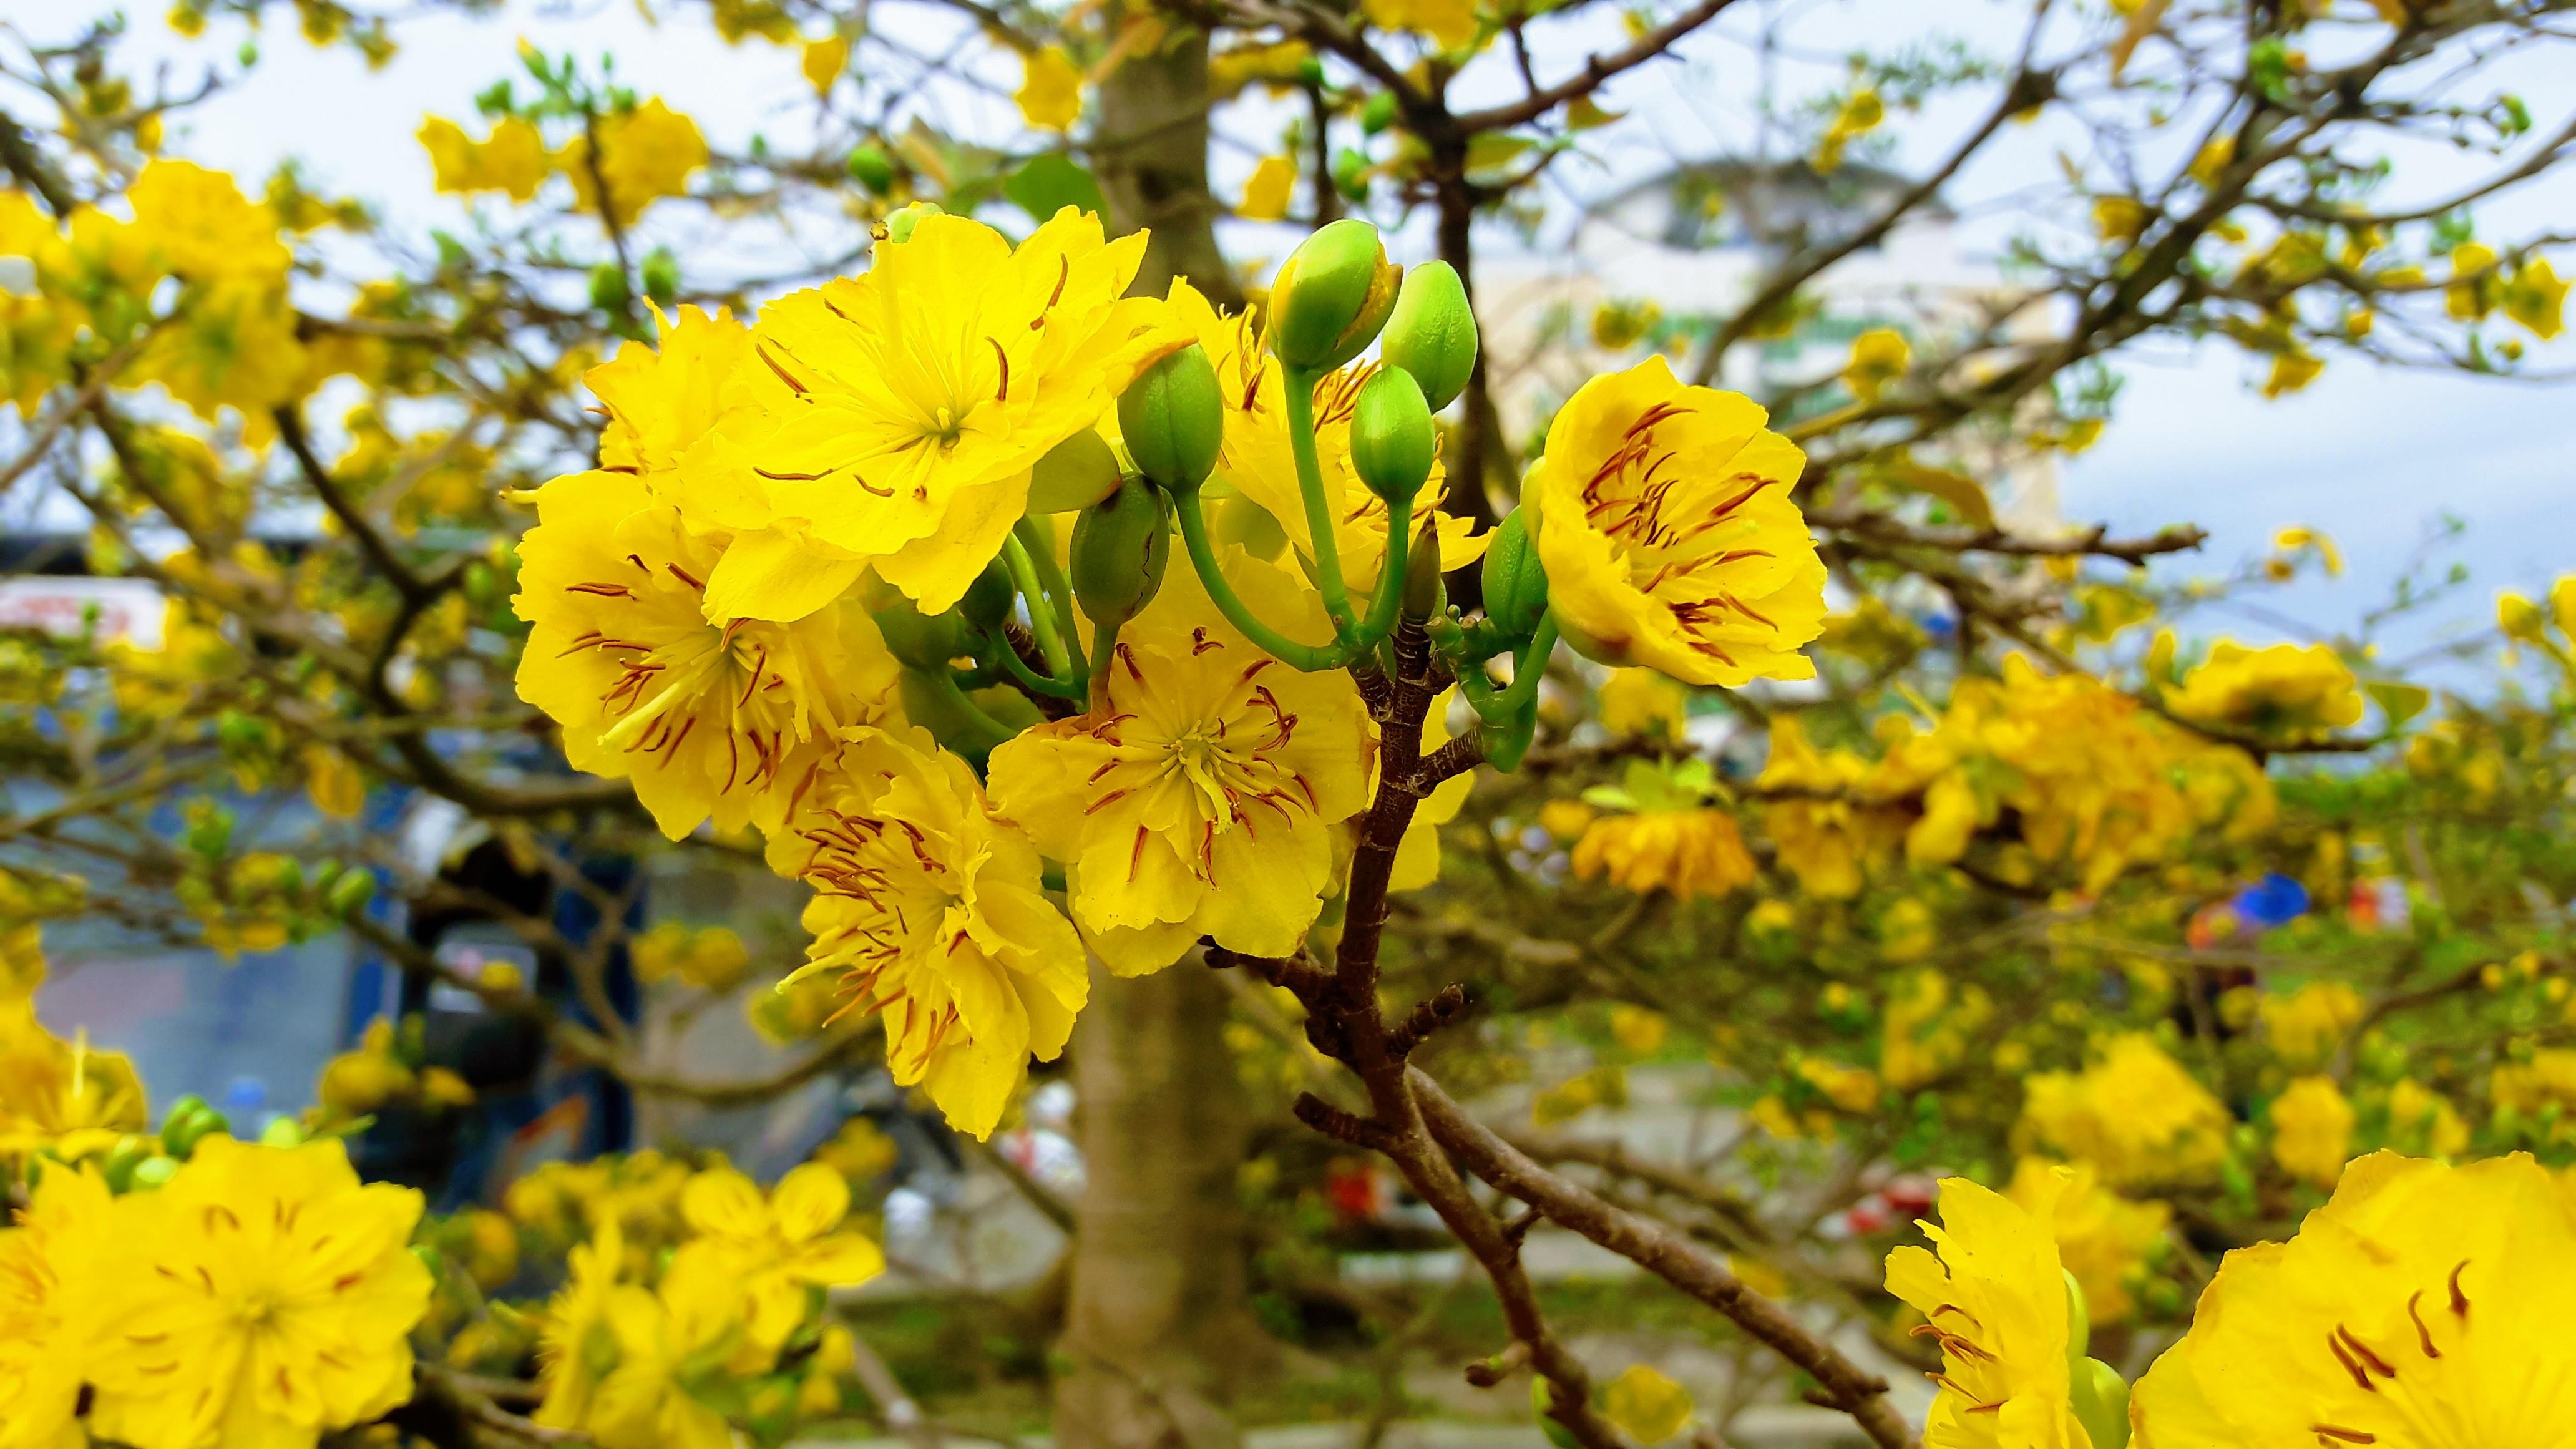 Hình ảnh những bông hoa mai vàng cực đẹp mắt